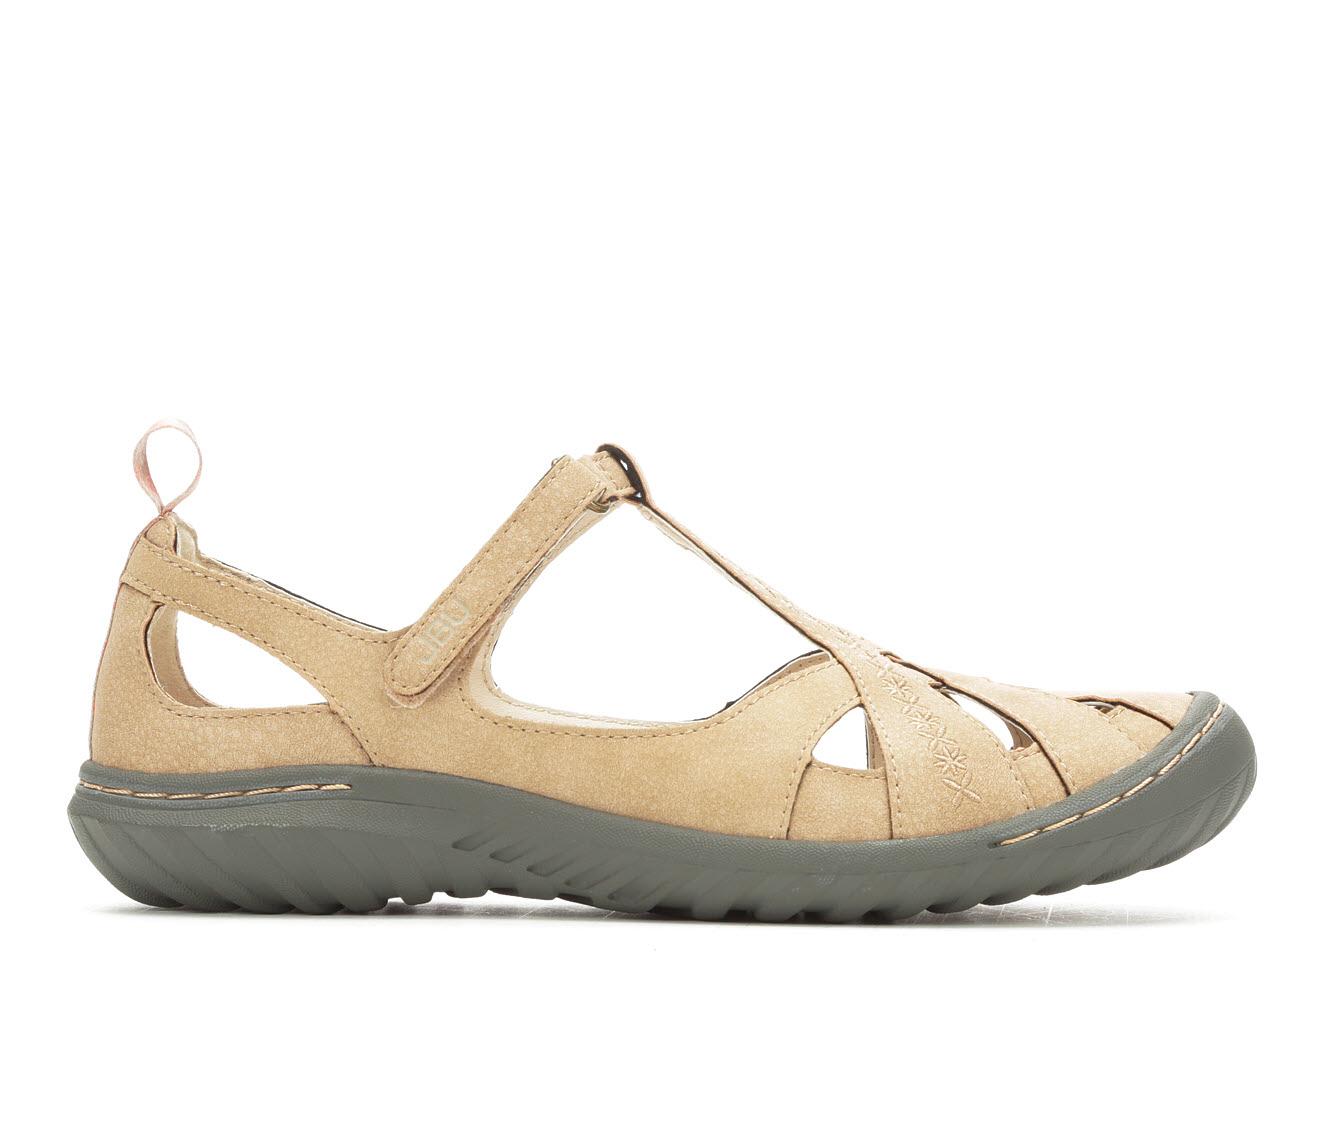 JBU by Jambu Cynthia Women's Shoe (Brown Canvas)